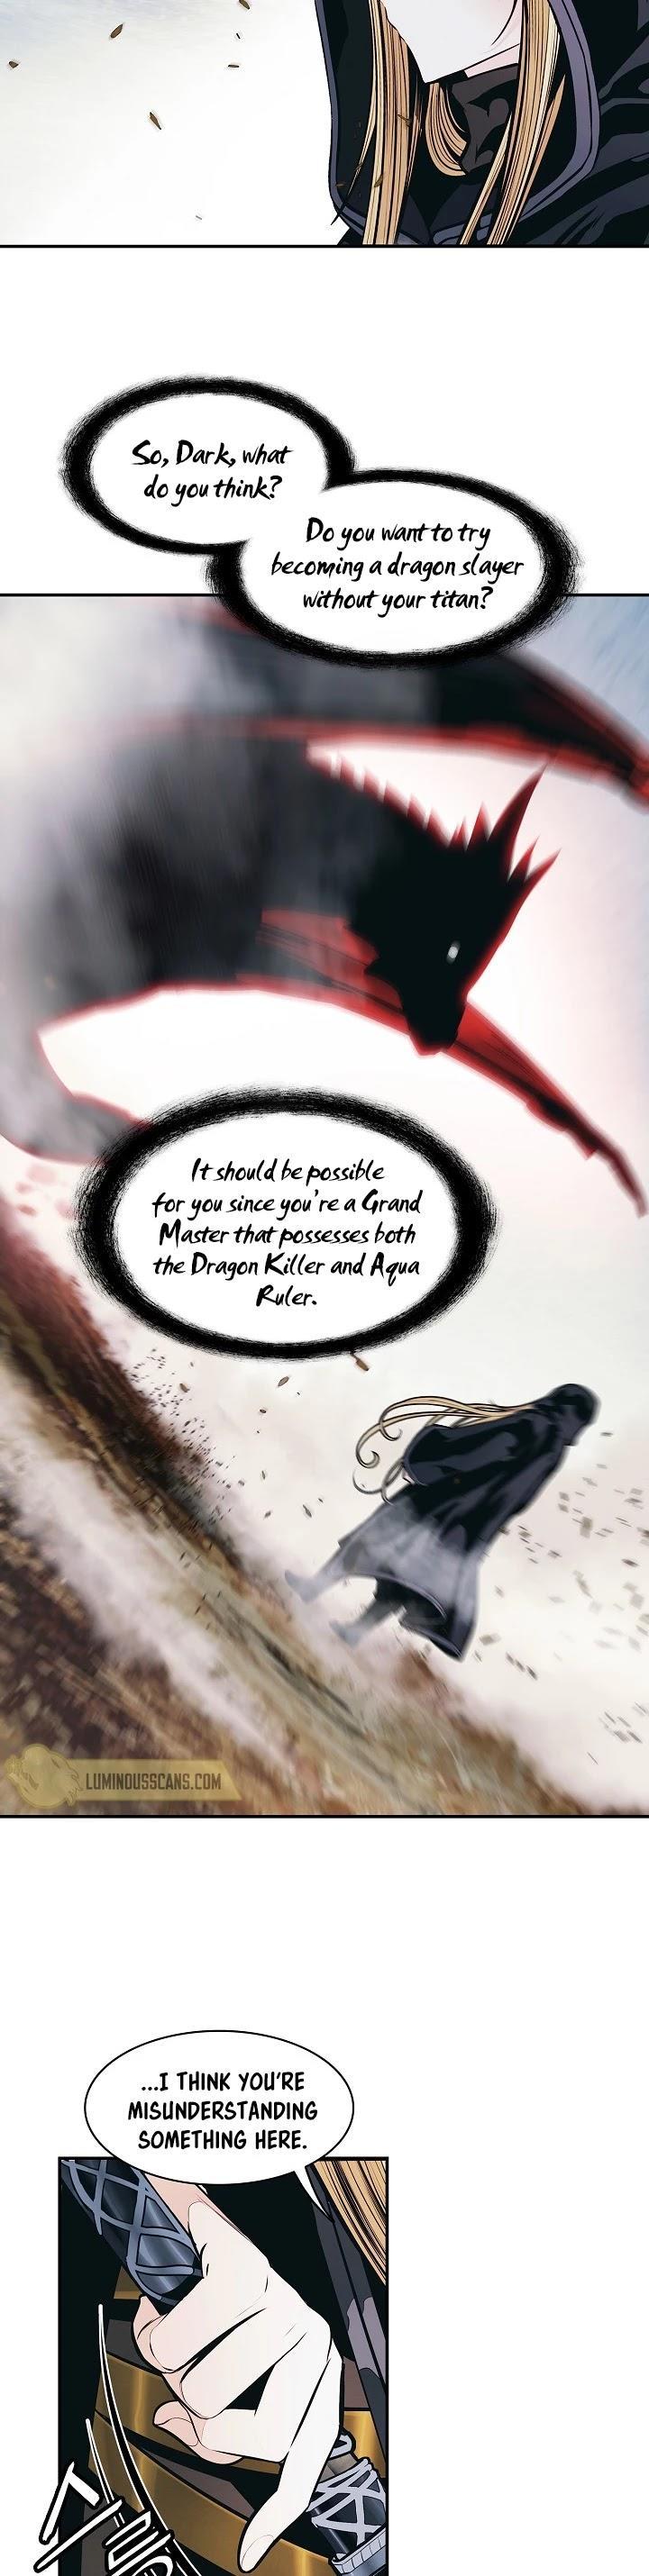 Mookhyang - Dark Lady Chapter 117 page 15 - Mangakakalots.com